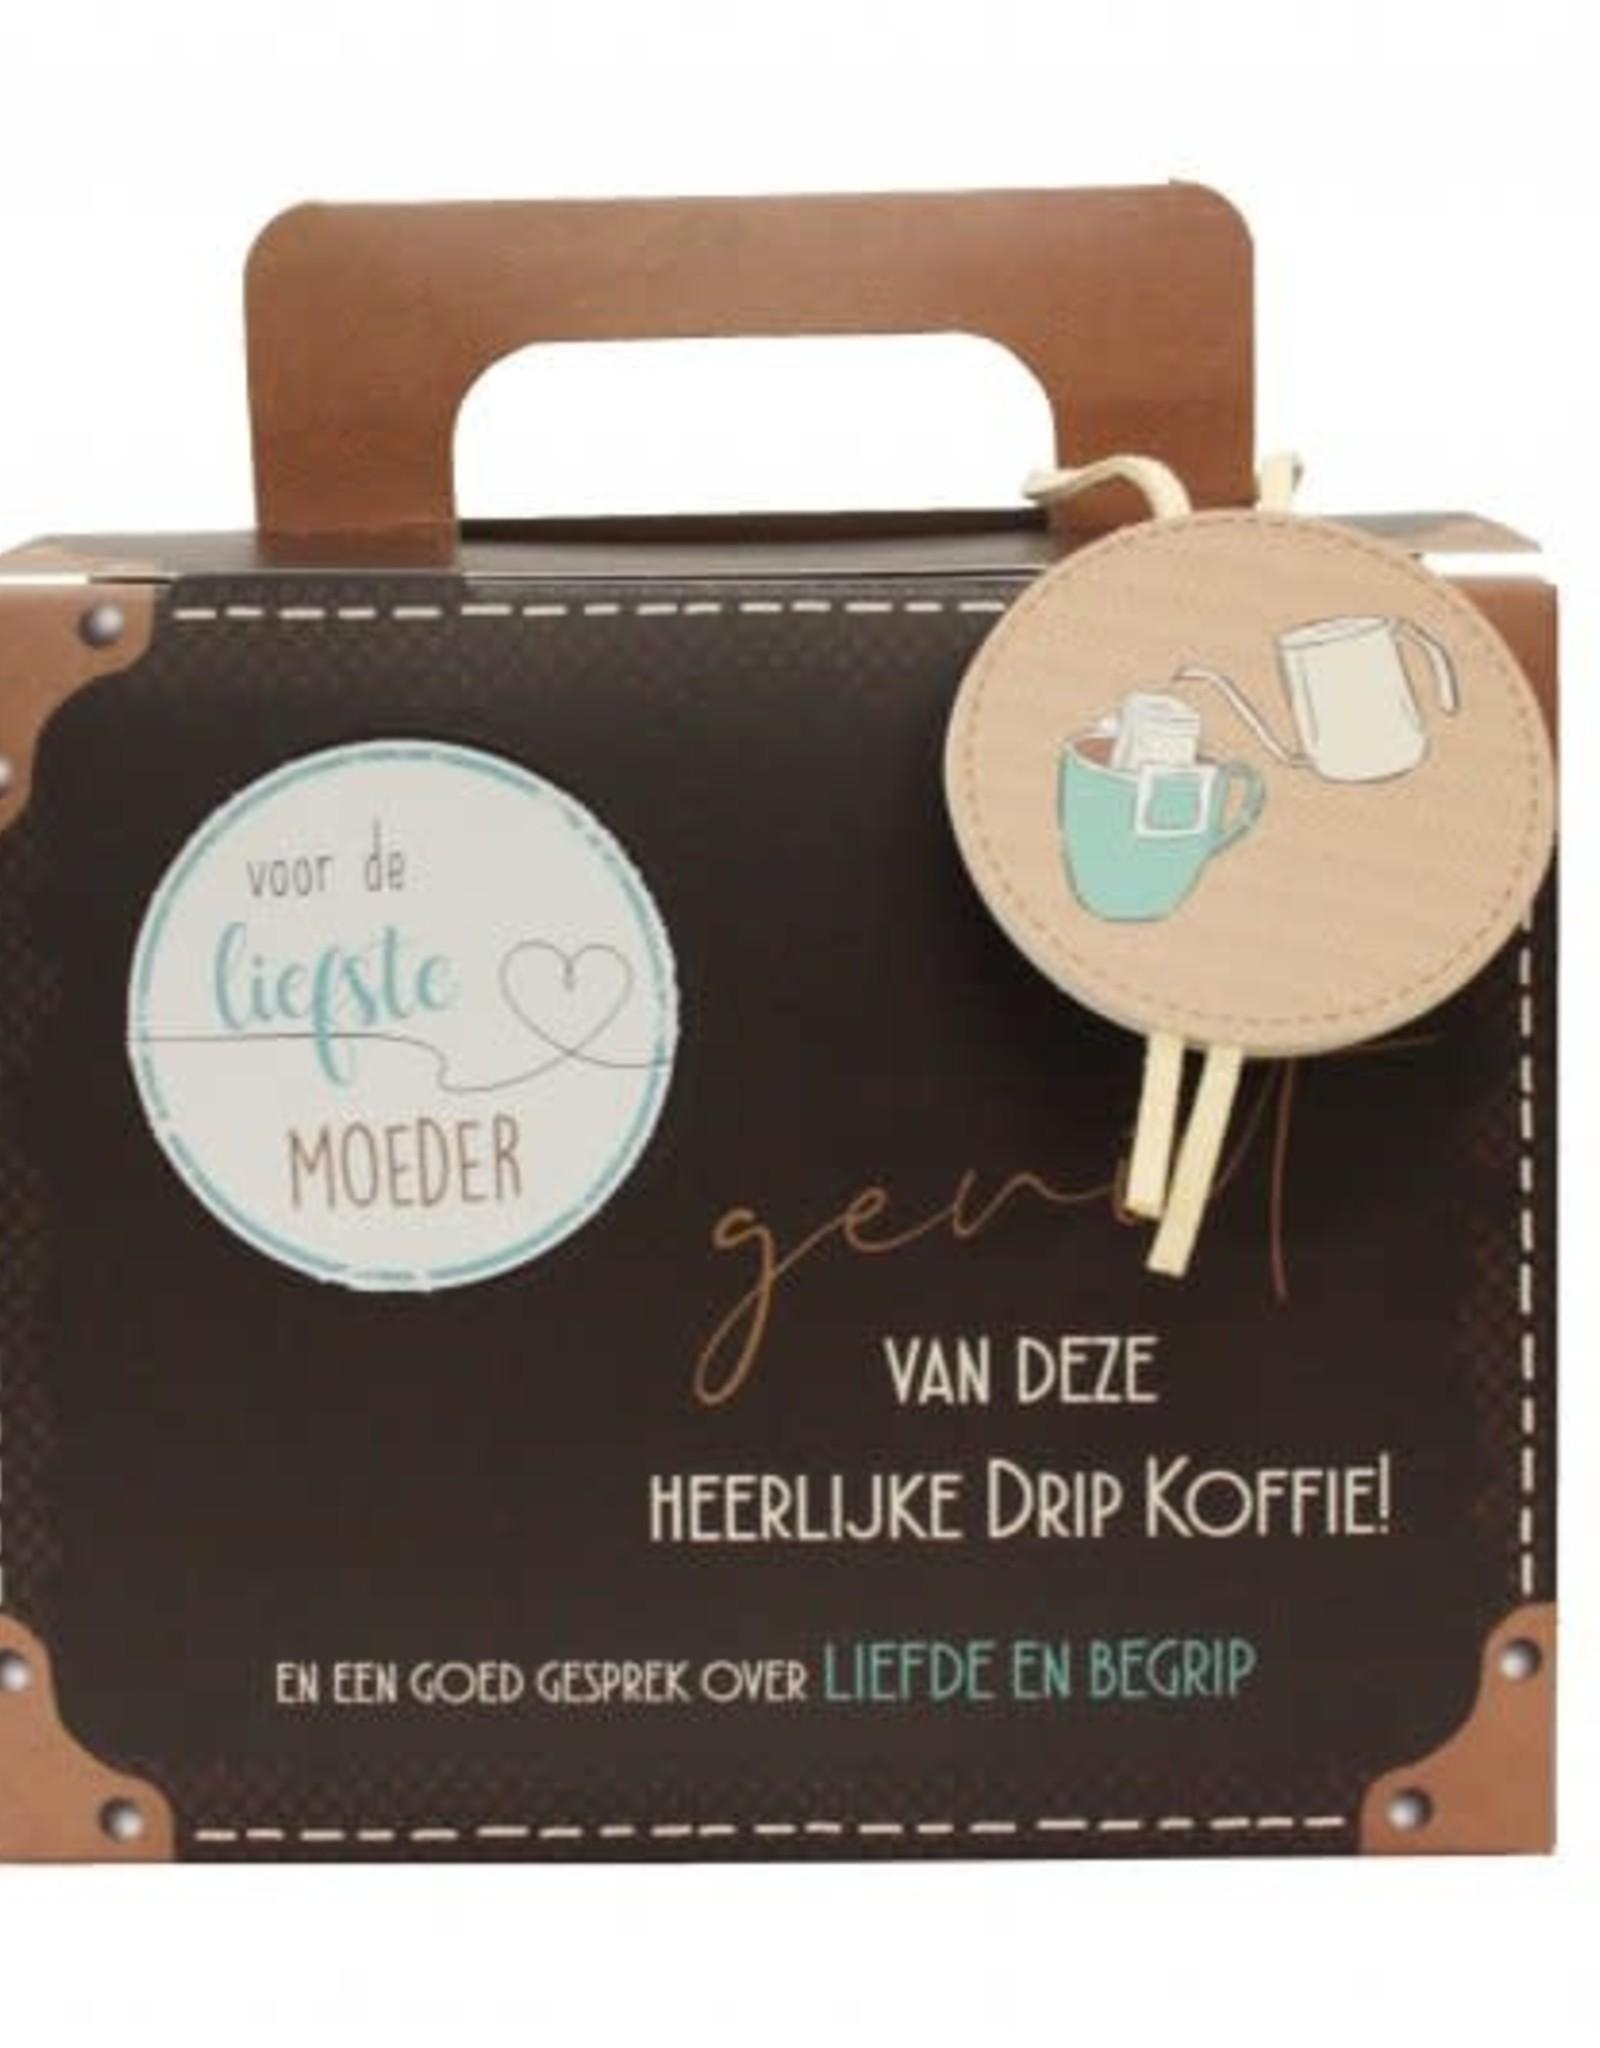 Koffiekoffertje Koffiekoffertje Voor de liefste moeder !